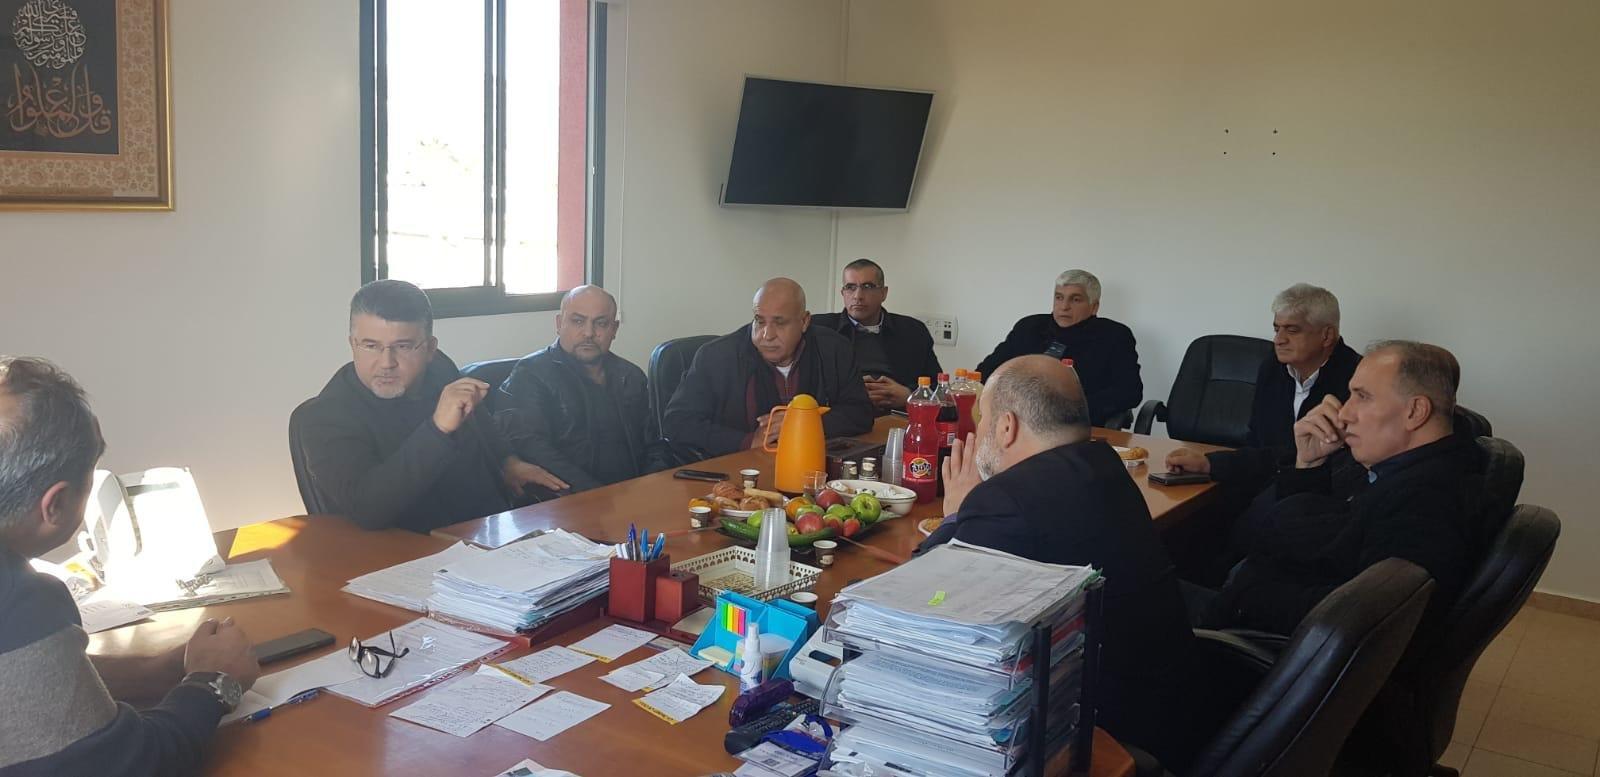 وفد القائمة المشتركة يزور رئيس اللجنة القطرية لرؤساء السلطات المحلية العربية ورئيس مجلس عاره- عرعره المحلي المحامي مضر يونس.